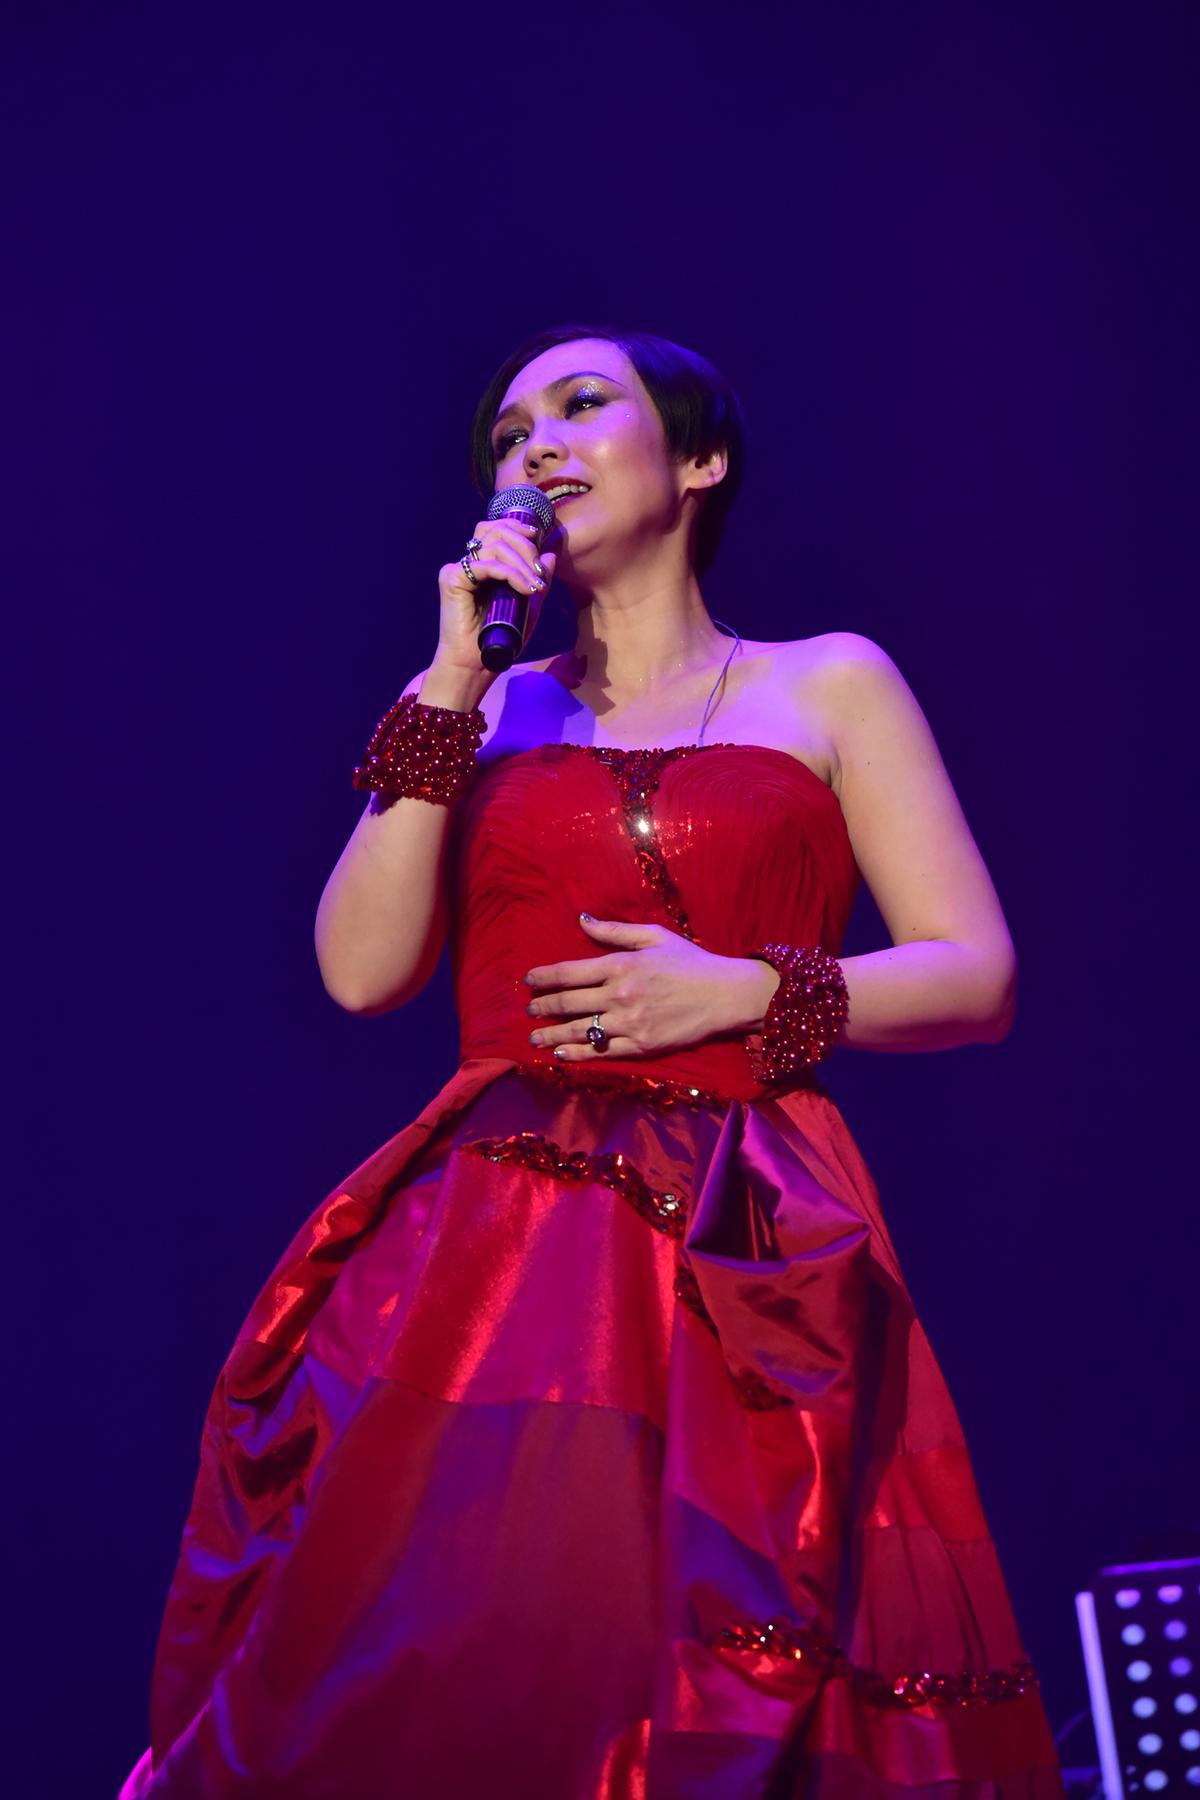 陈洁仪演唱会完美收官 歌迷为其过生日